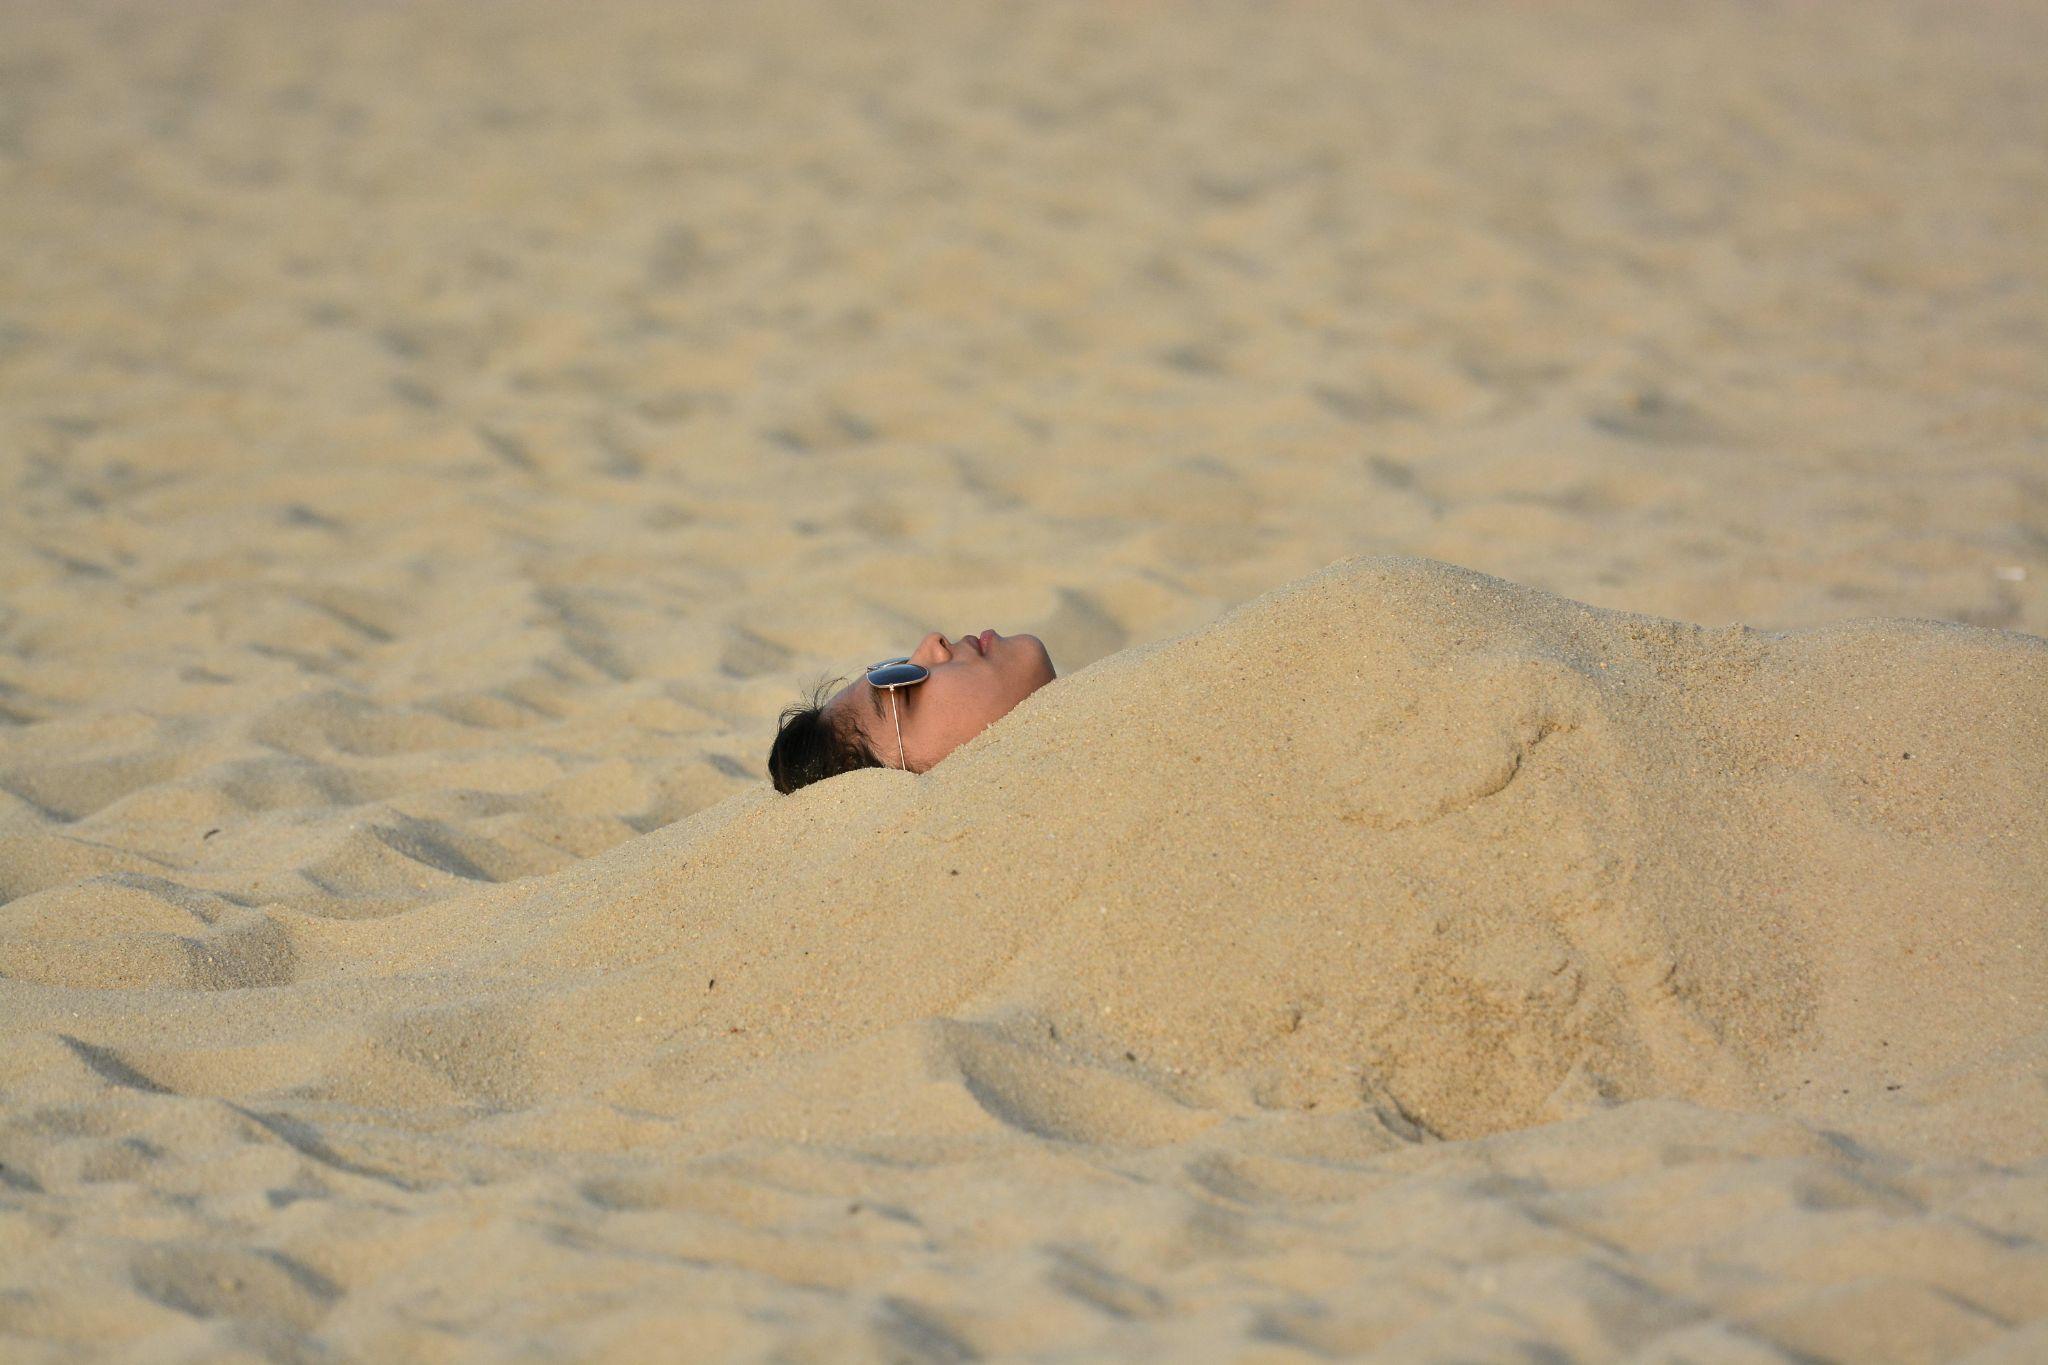 Head found on beach by Raymond Lee